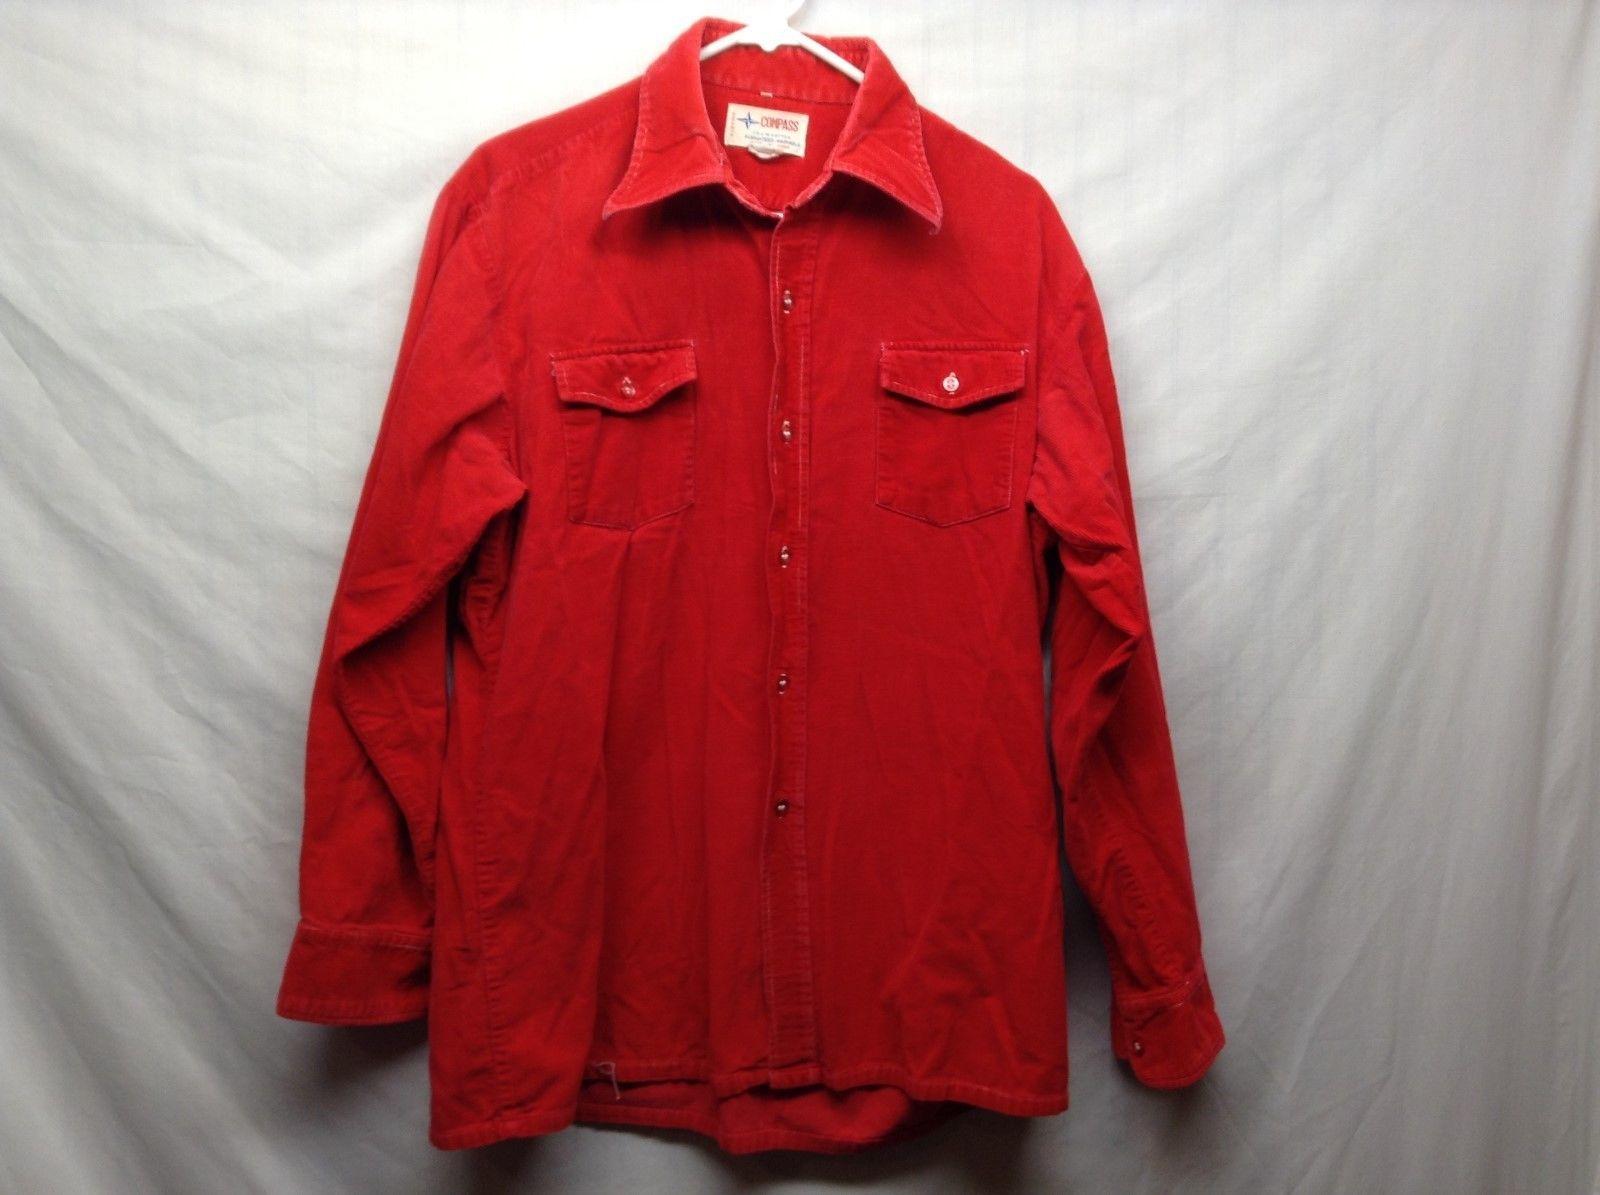 Compass Light Red Cotton Corduroy Longsleeve Button Up Shirt